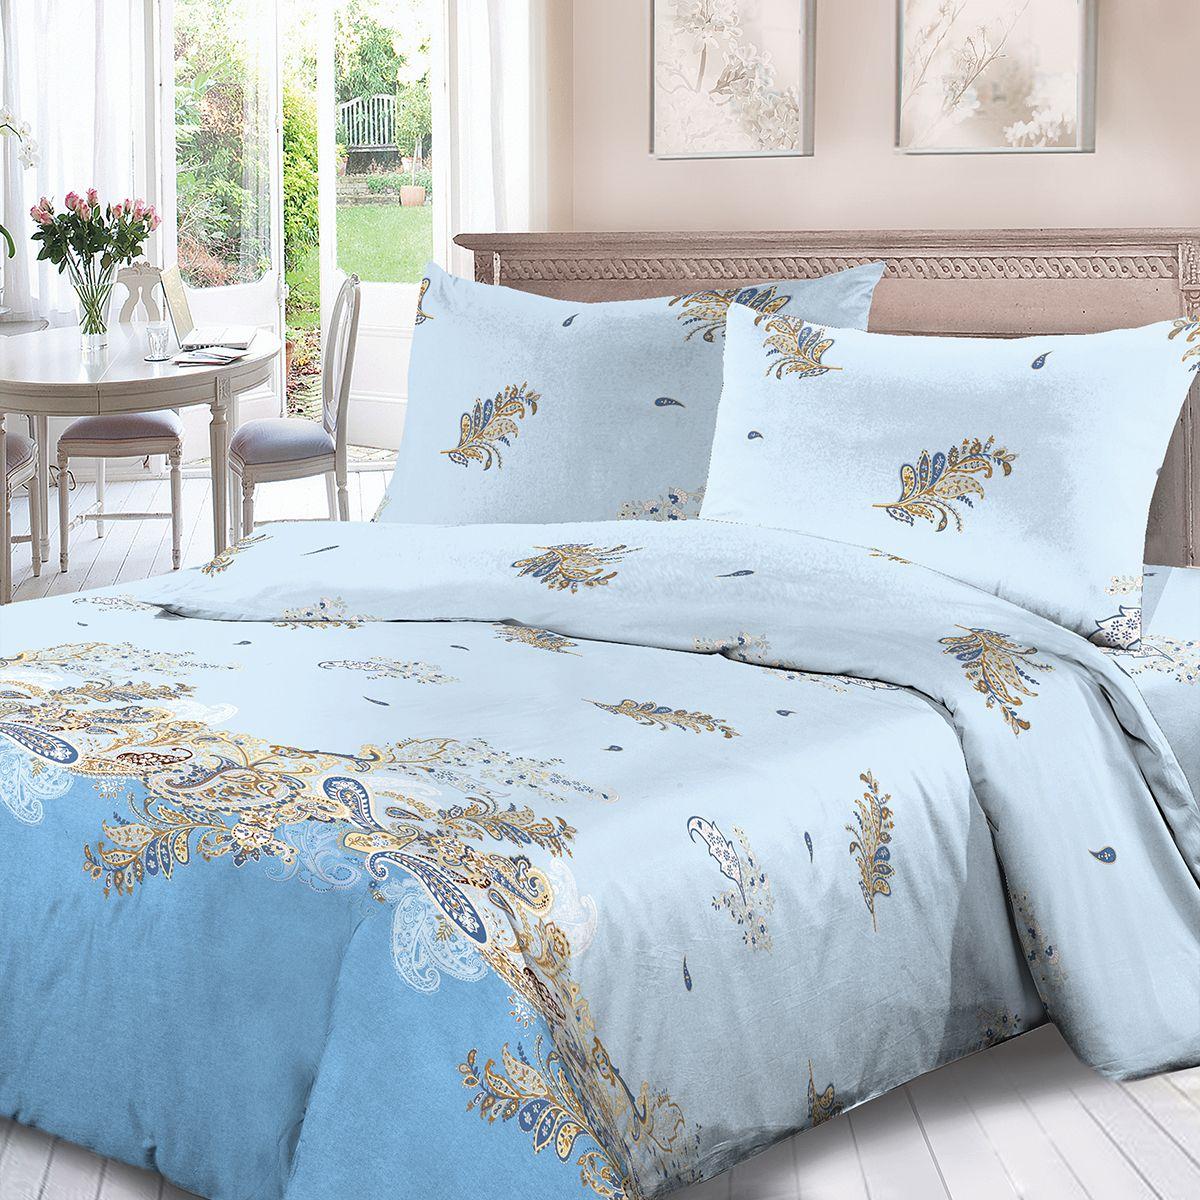 Комплект белья Для Снов Македония, евро, наволочки 70x70, цвет: голубой. 4129-190153